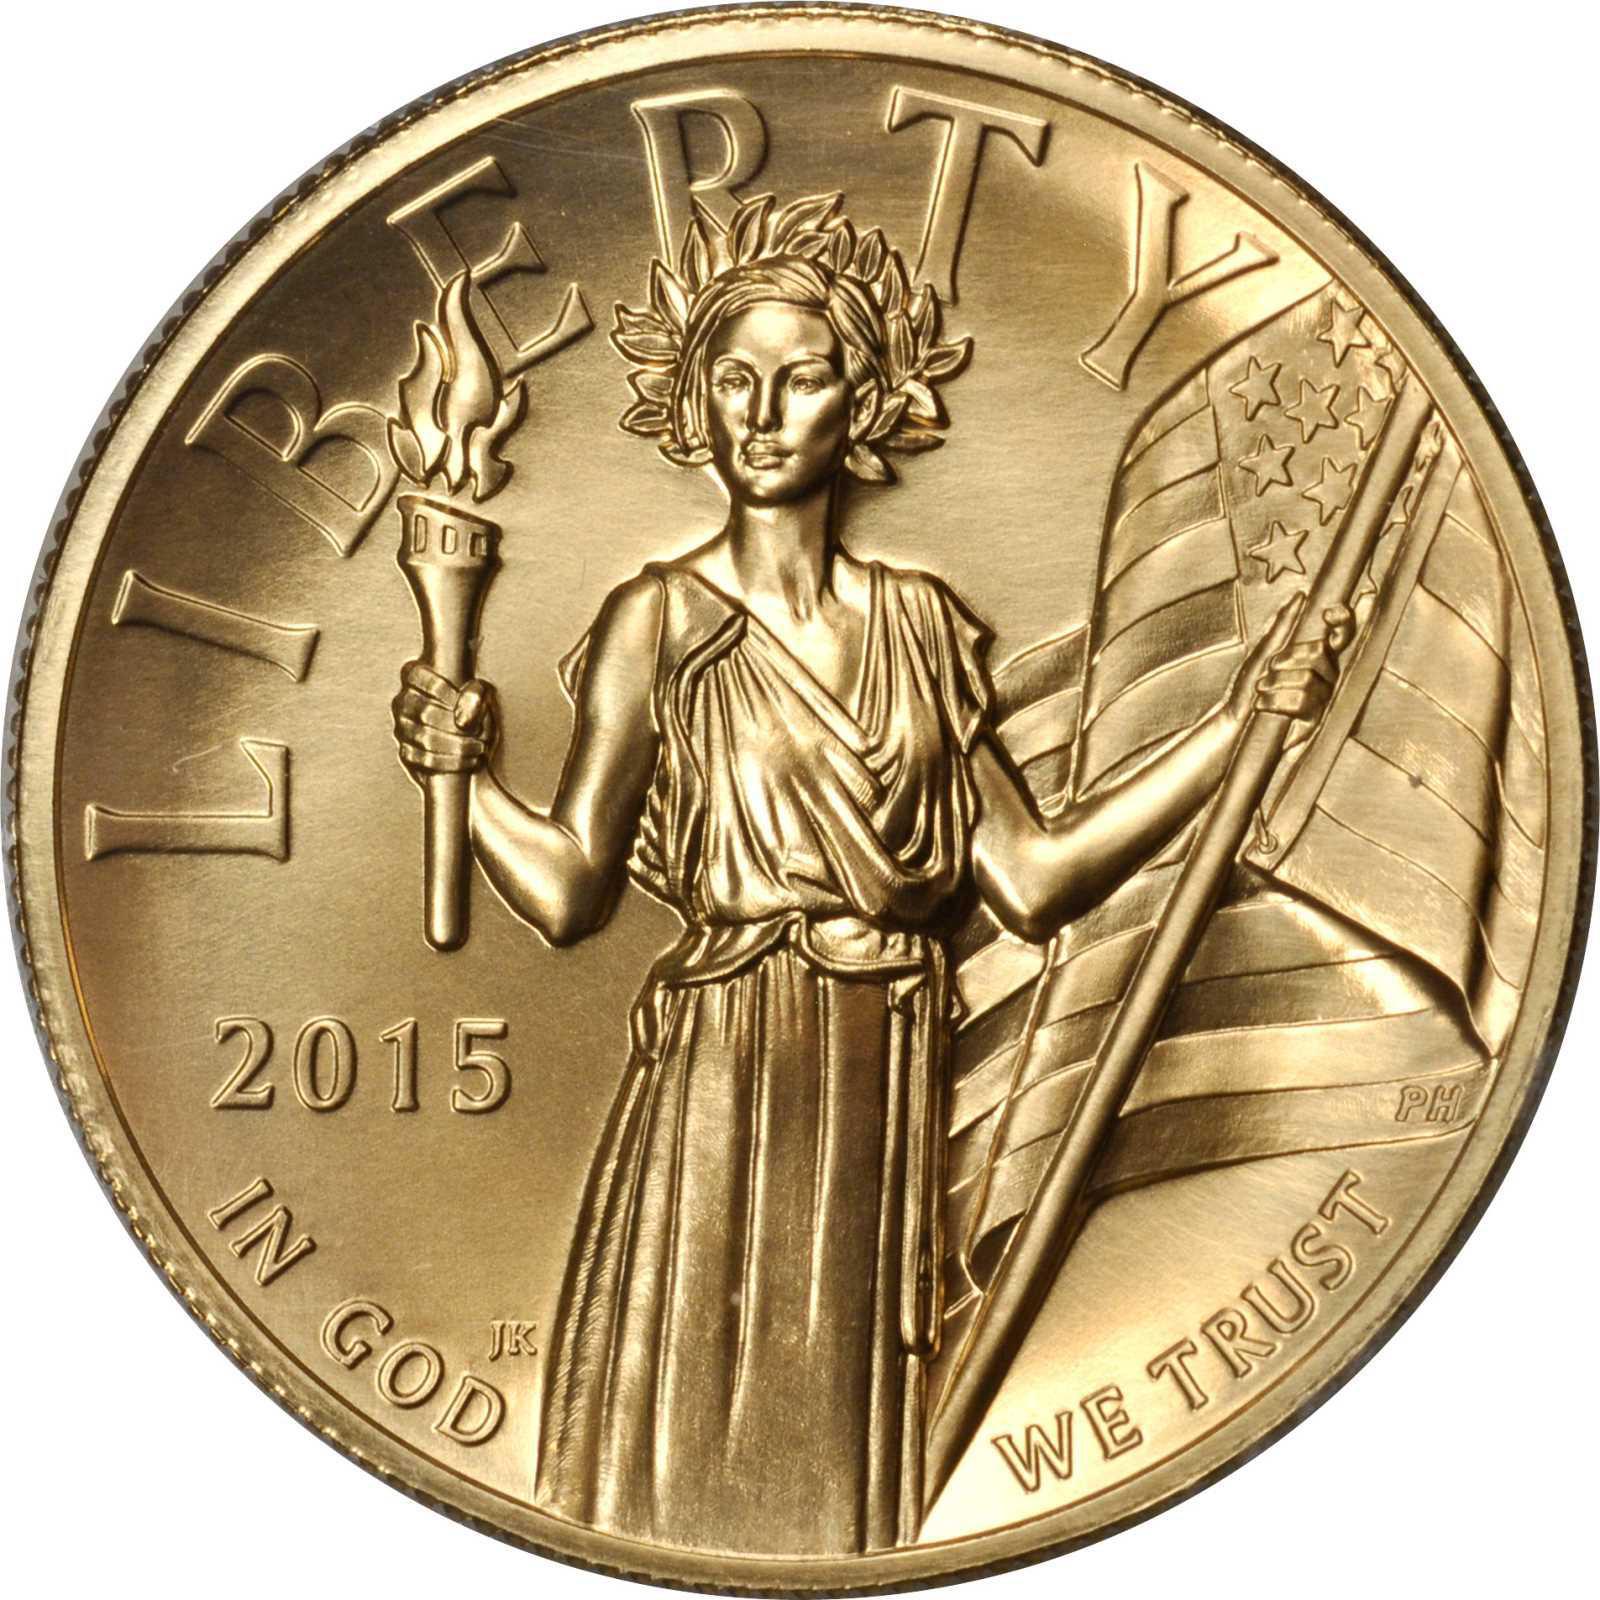 100 dollar us gold coin